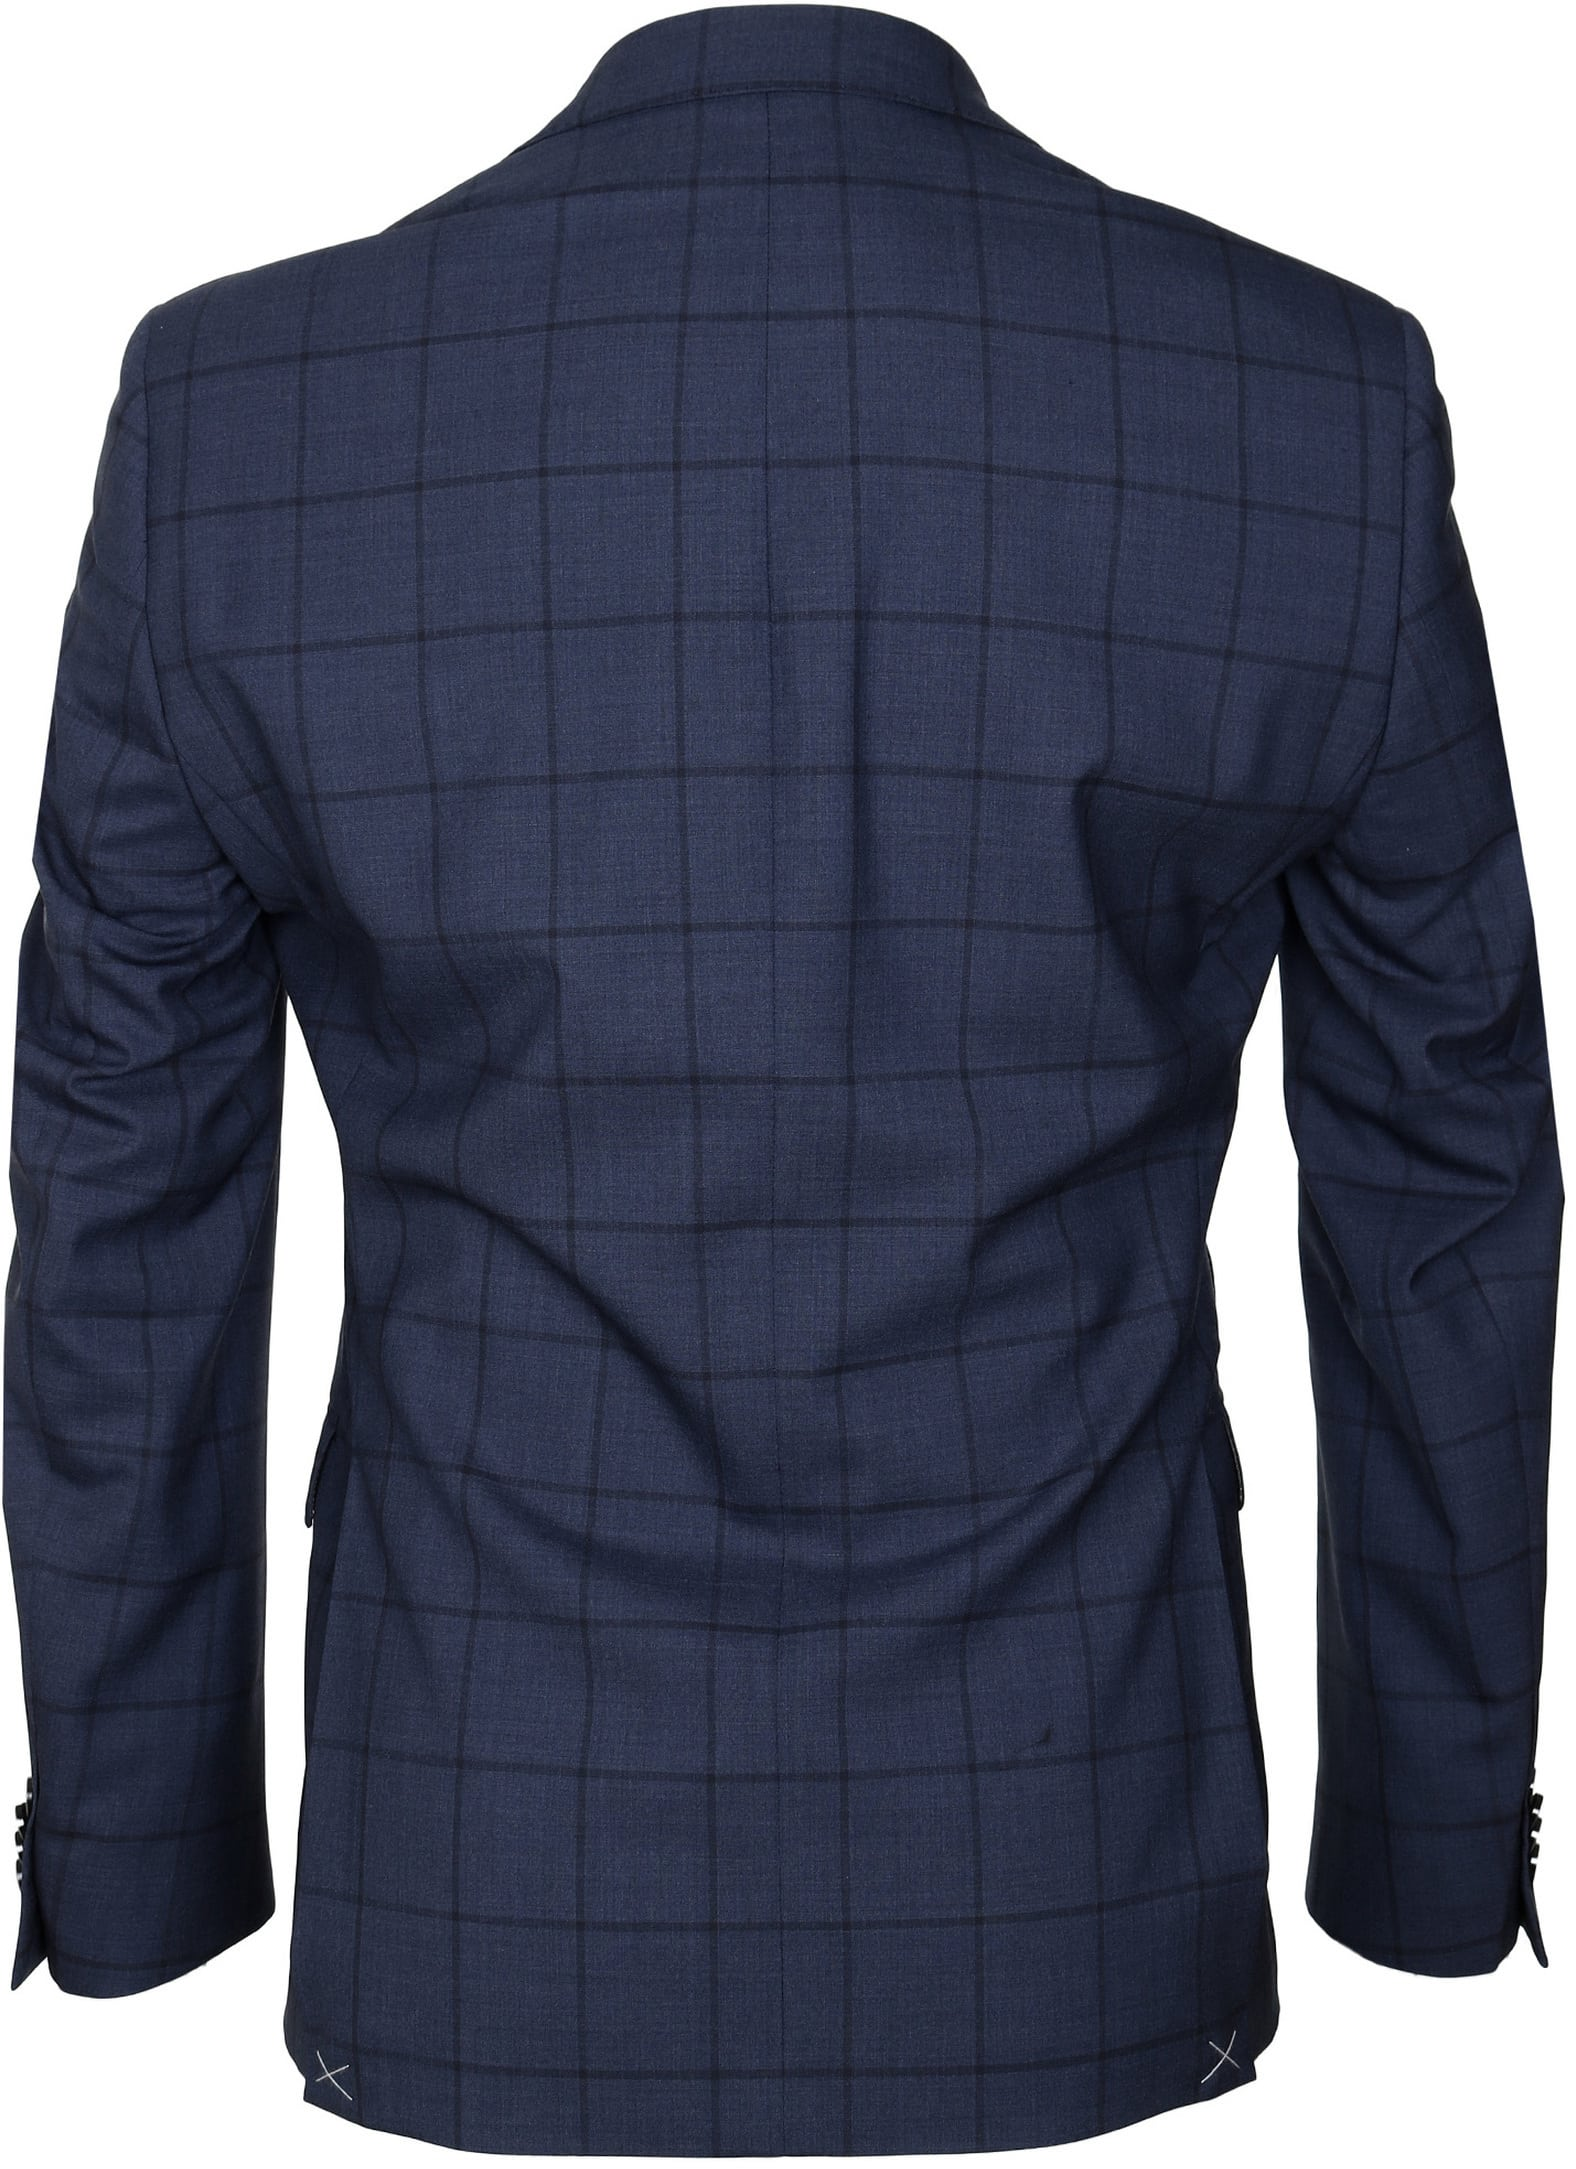 Suitable Suit Lucius Checks foto 4